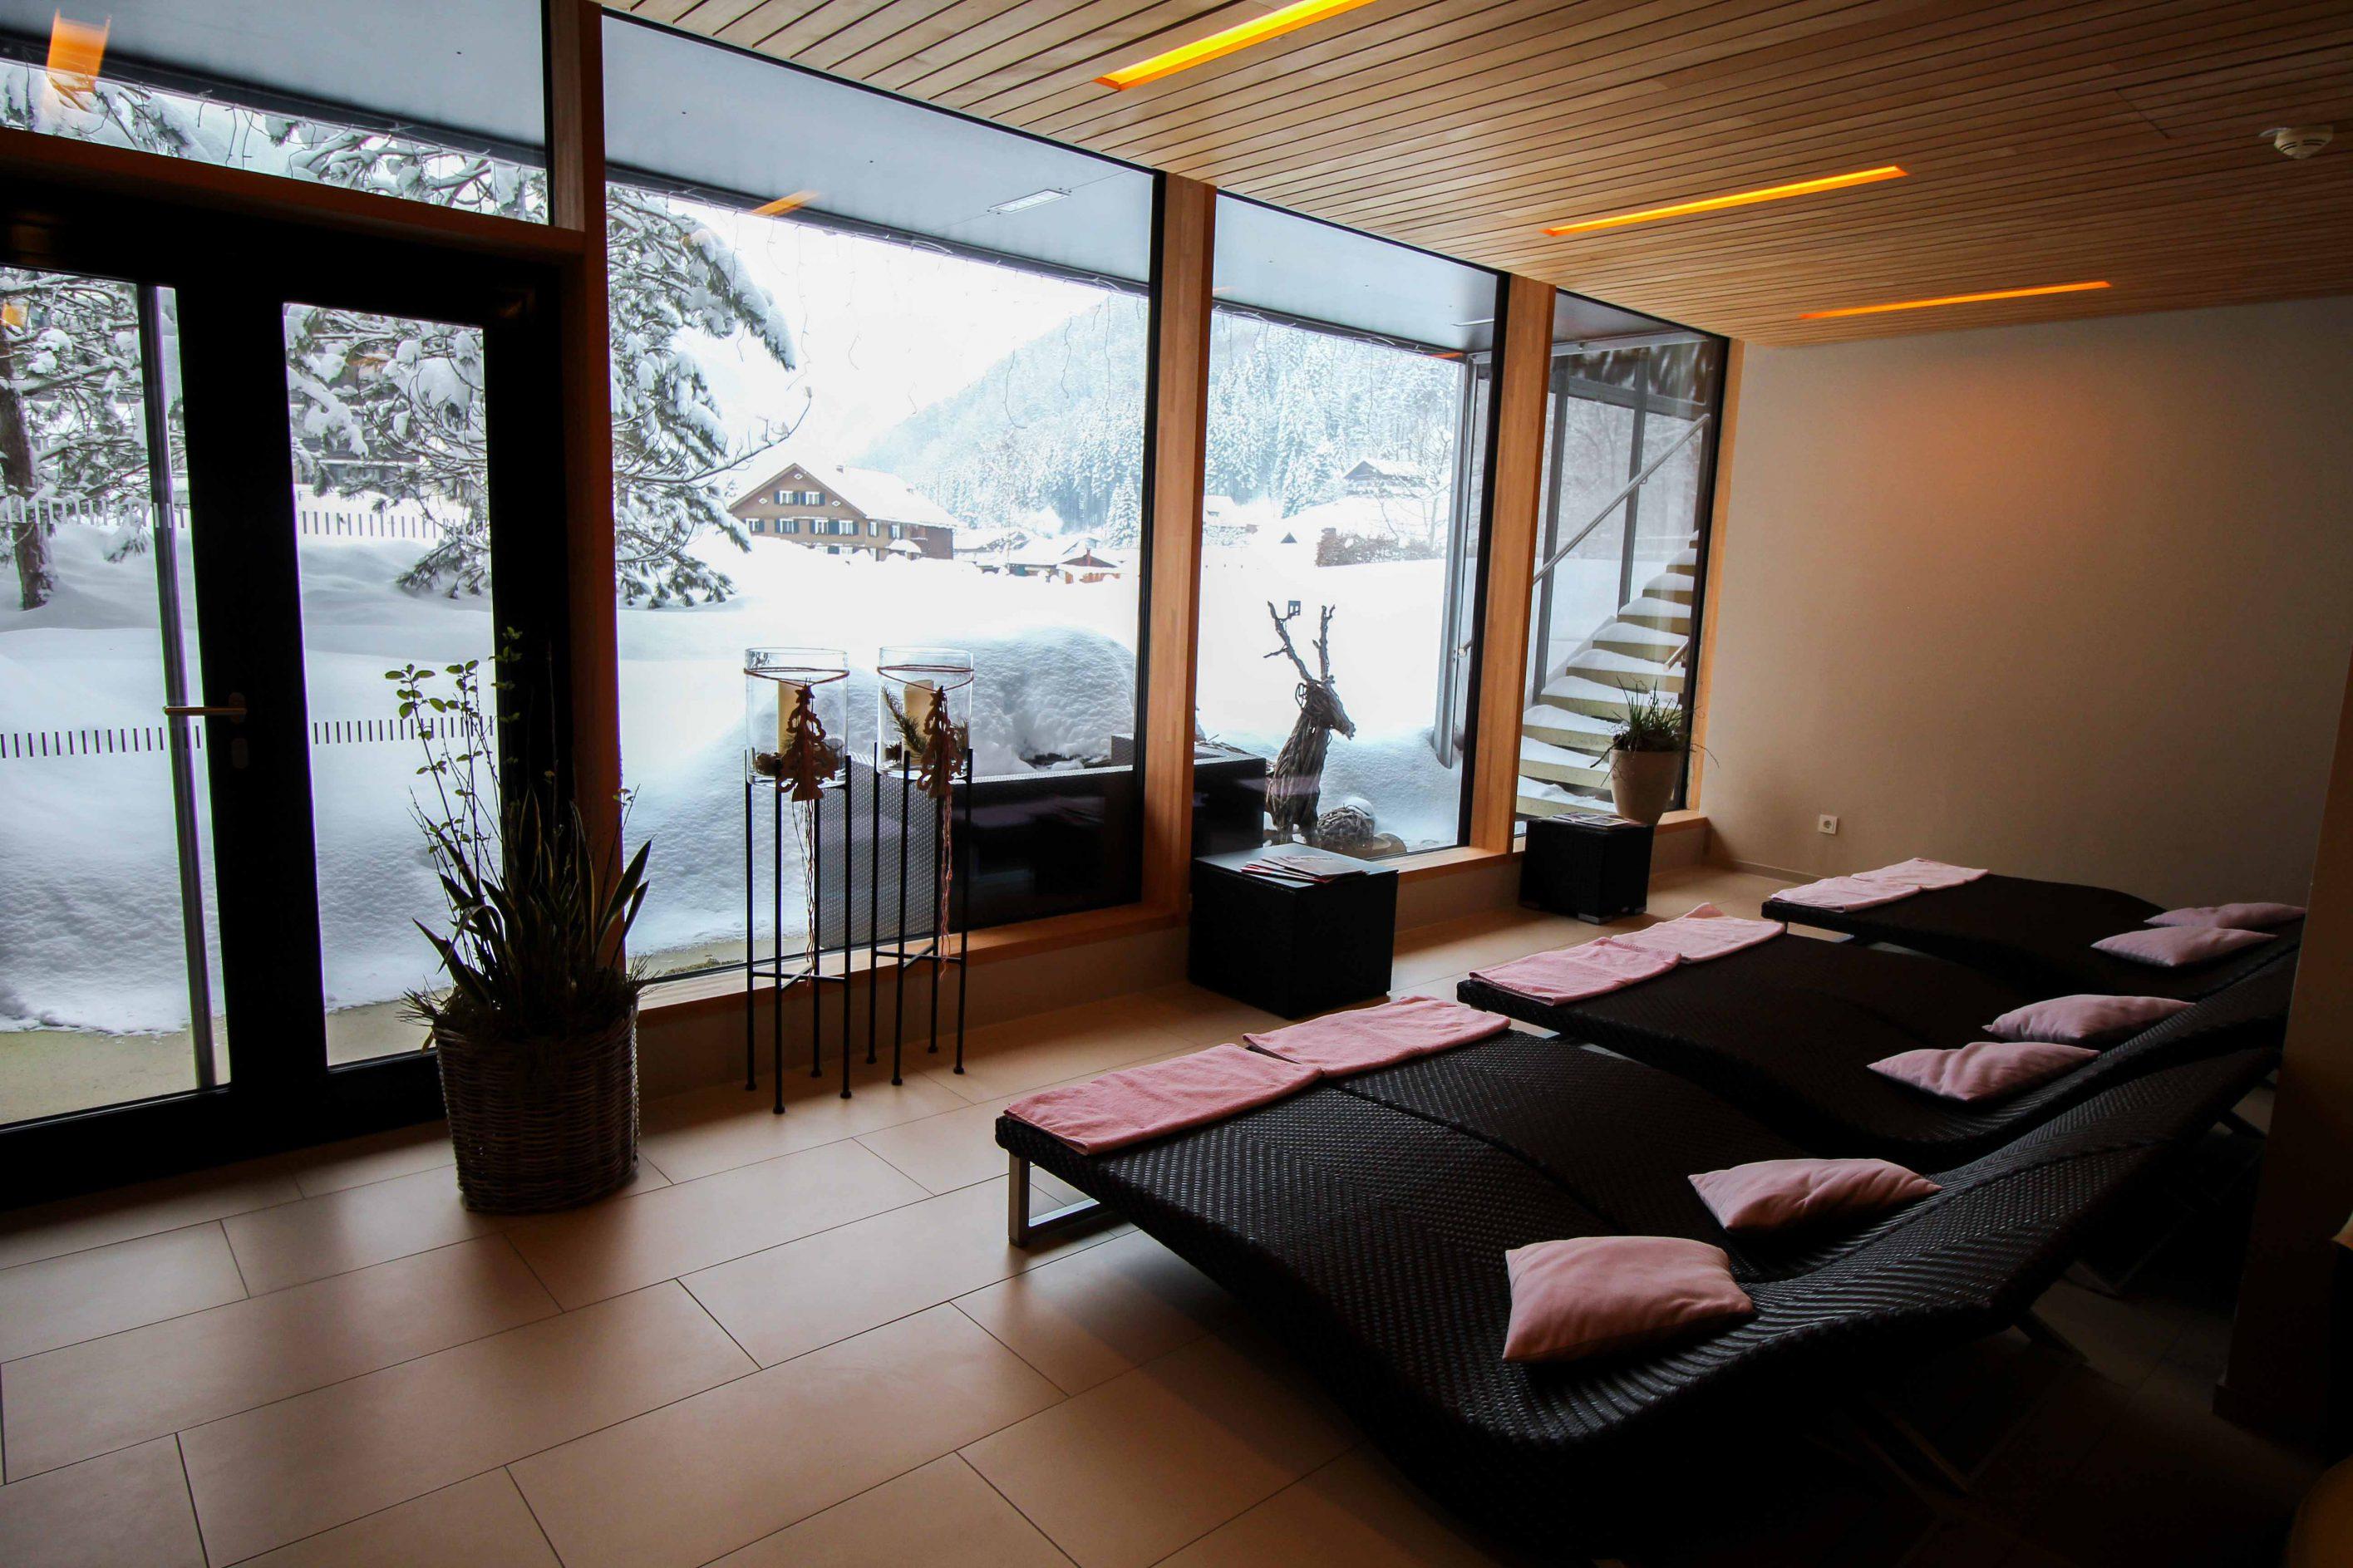 Wellnesswochenende Österreich Sonne Lifestyle Resort Mellau Wellnesshotel Bregenzerwald Wellnessbereich Ruheraum Reiseblog